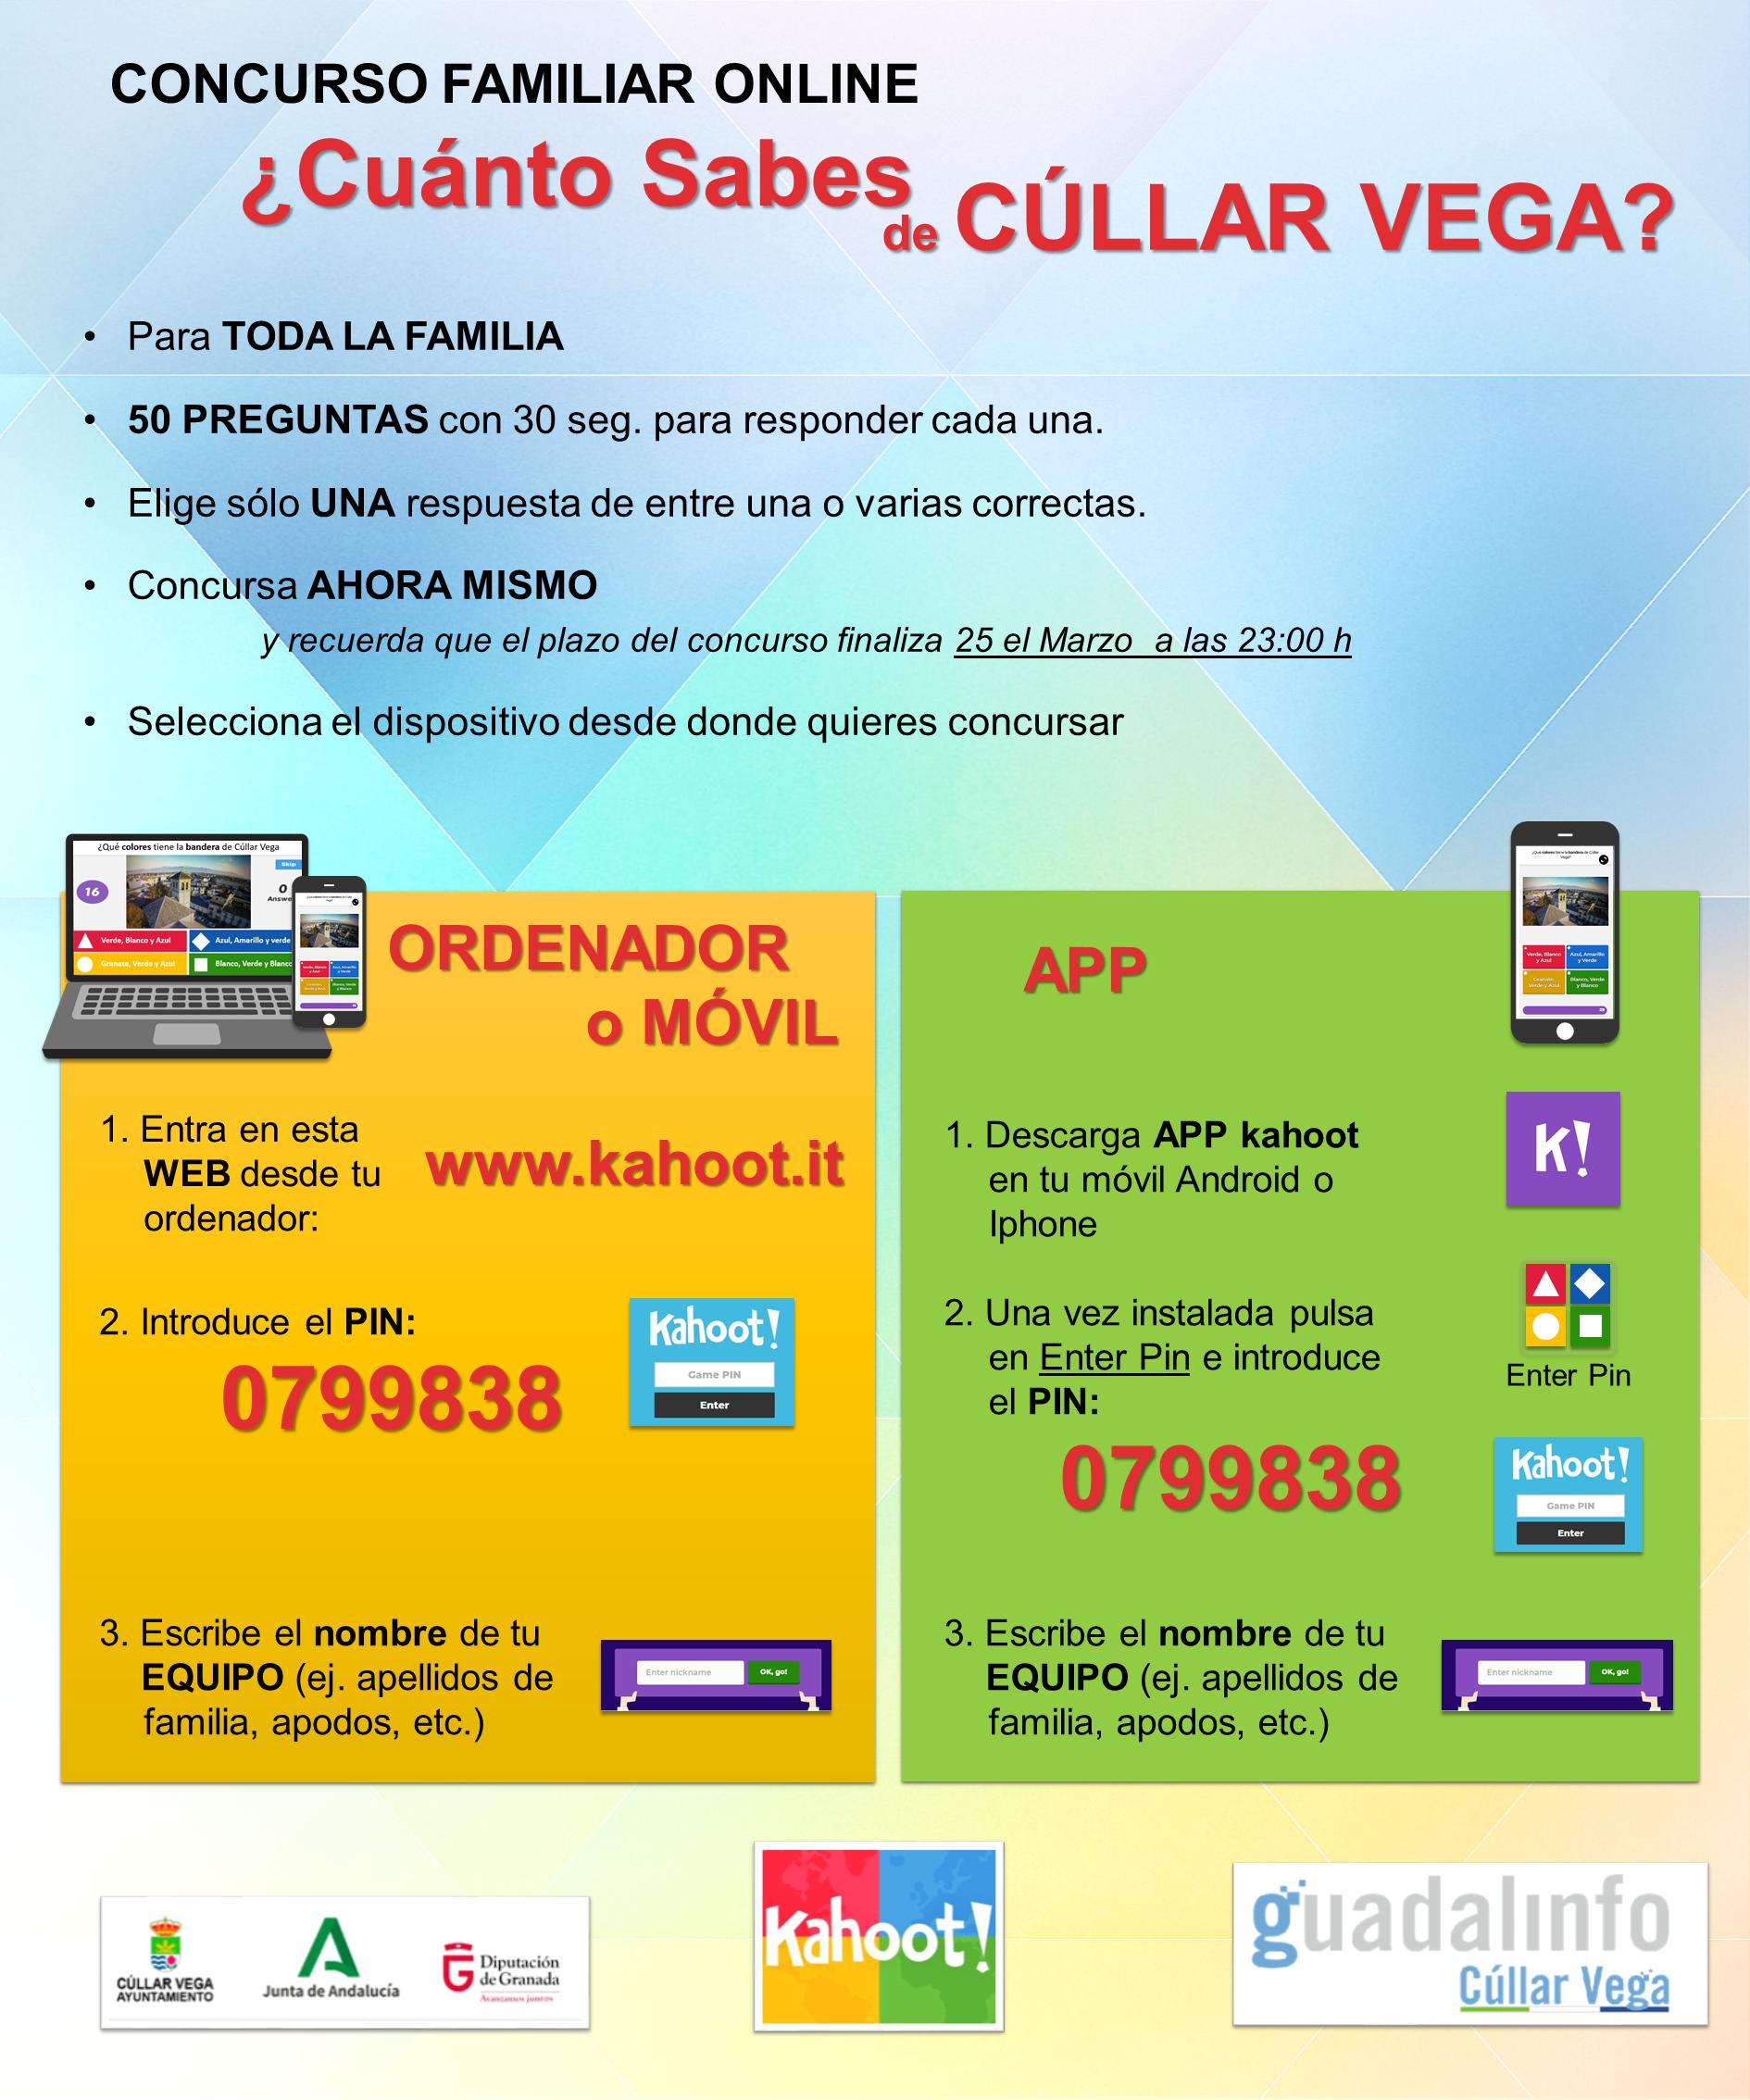 Participa en el Concurso Familiar ¿Cuánto sabes de Cúllar Vega?